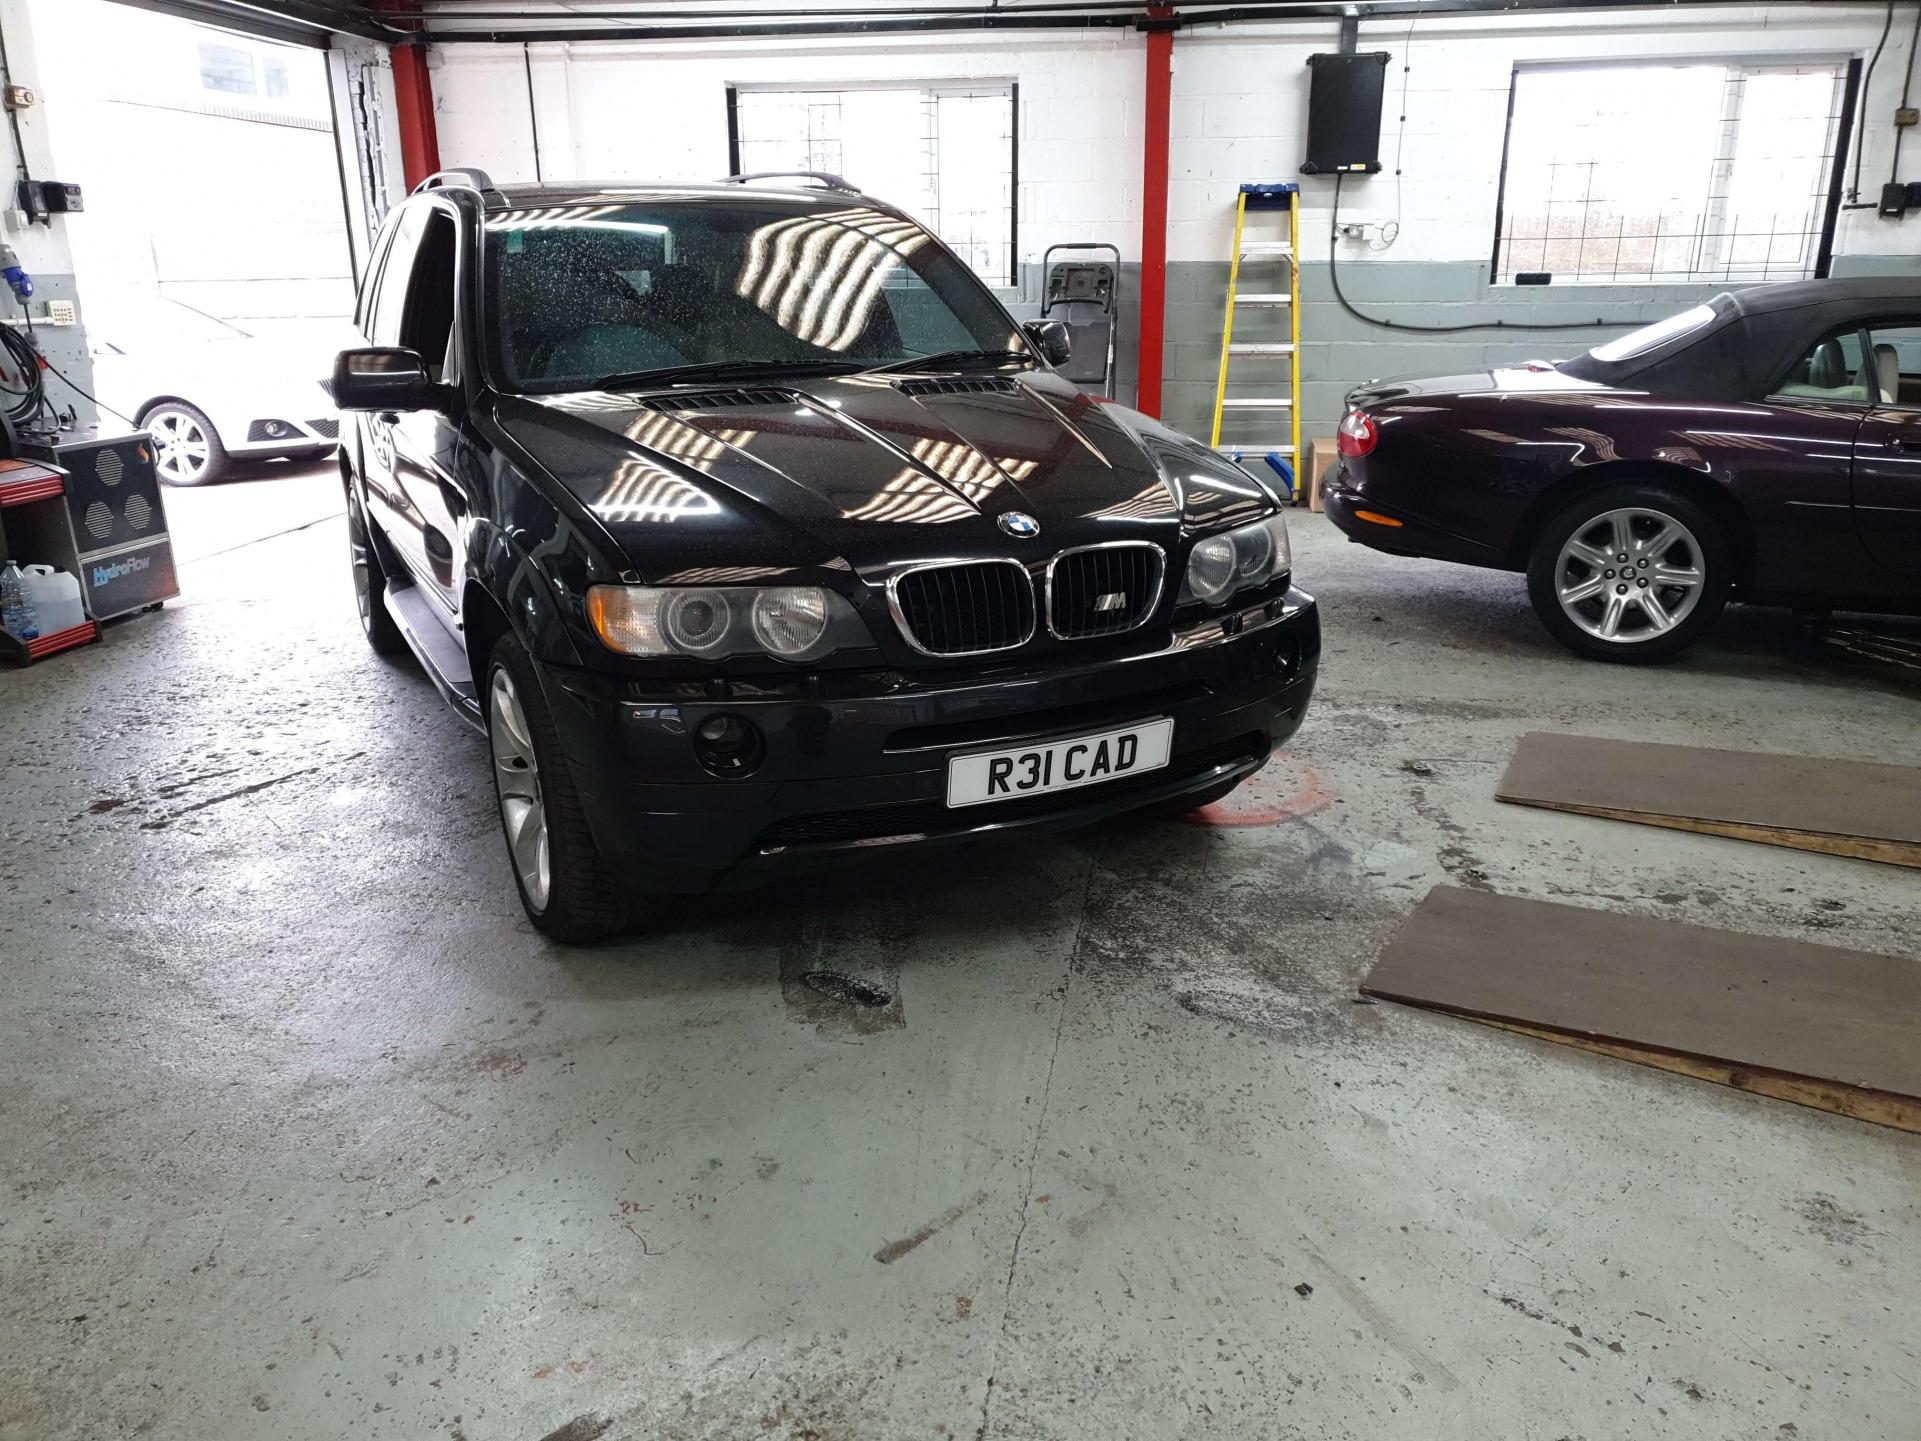 BMW X5-E53 Carbon Clean